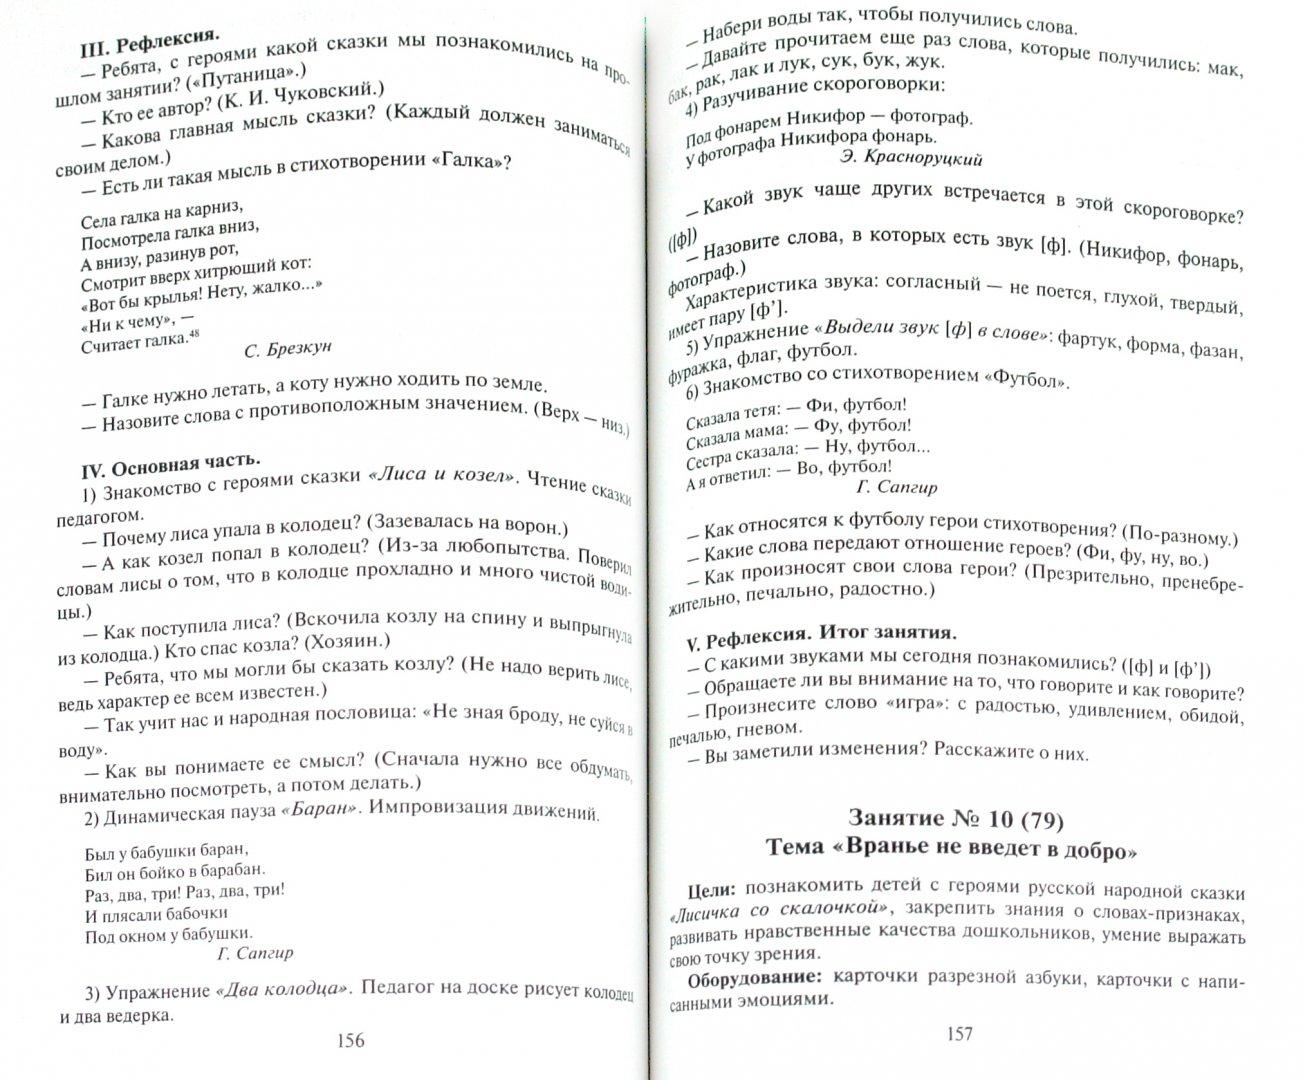 Иллюстрация 1 из 4 для Волшебный мир звуков и слов: учебно-методич. пособие по развитию речи нечитающих и читающих детей - Кубышкина, Леденева   Лабиринт - книги. Источник: Лабиринт